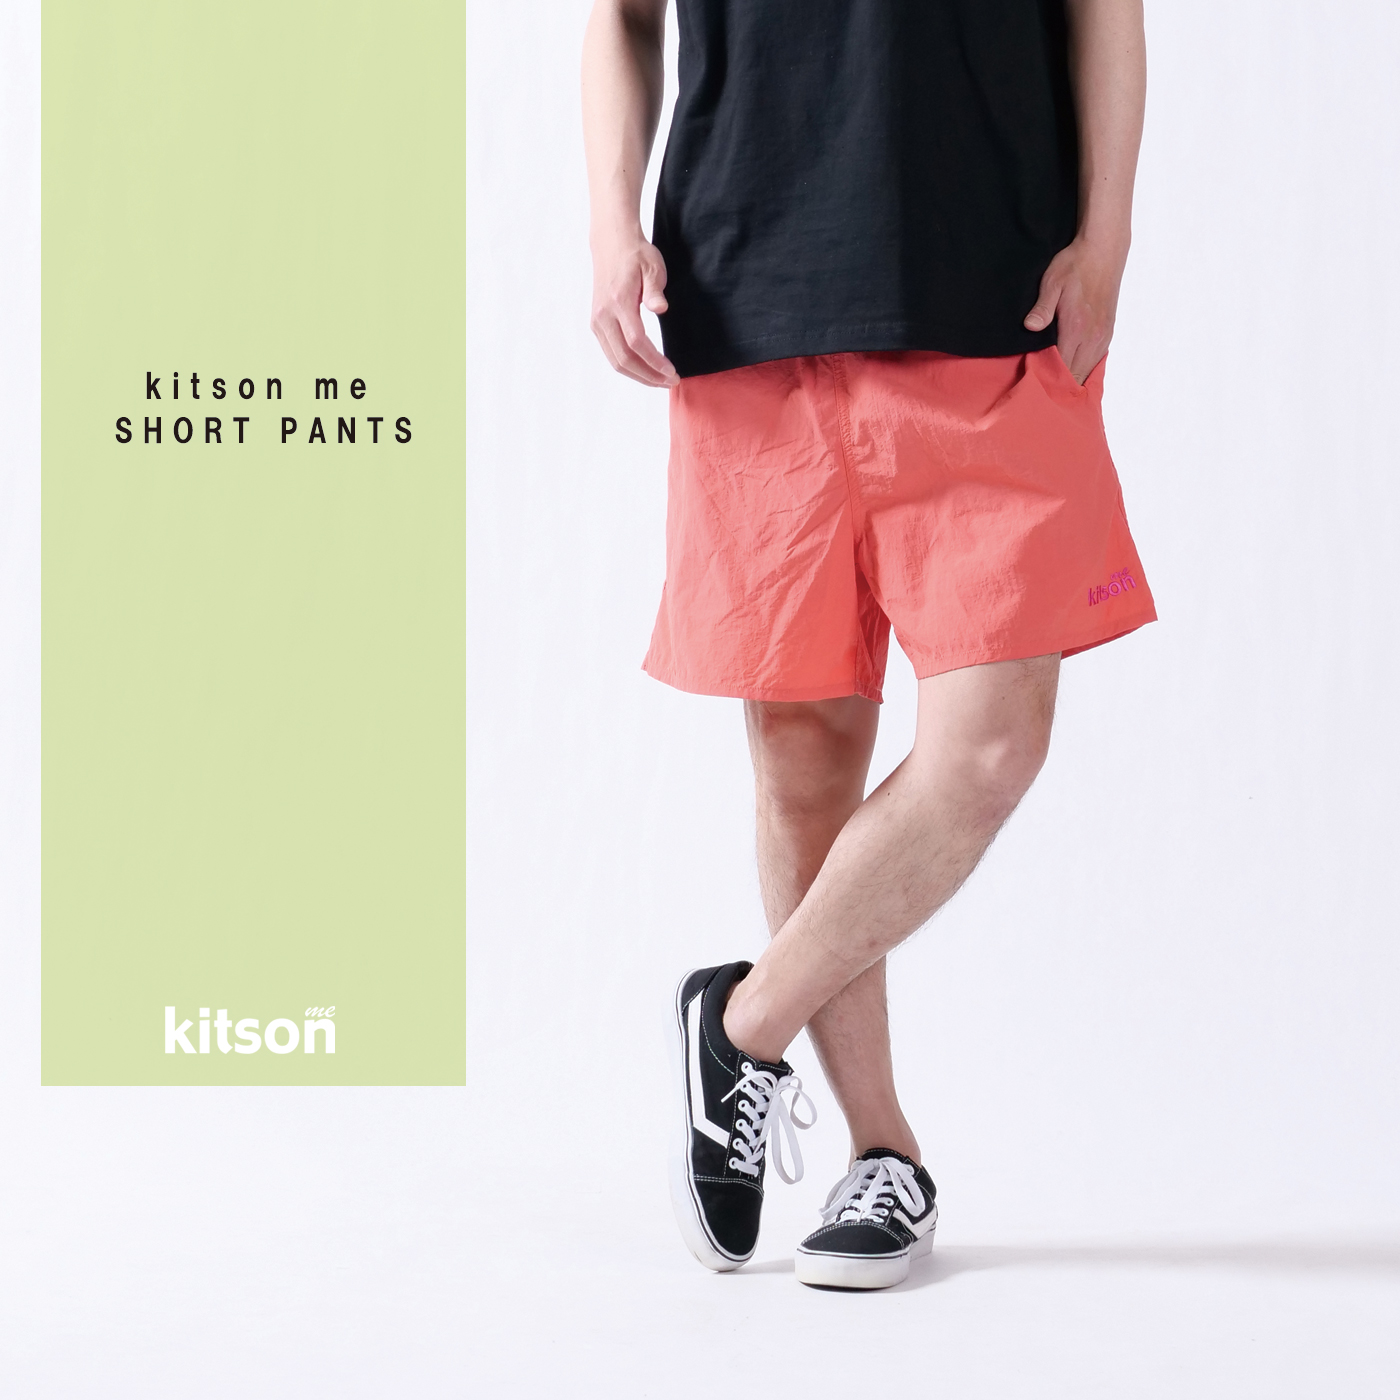 kitson me ロゴ刺繍ショートパンツ